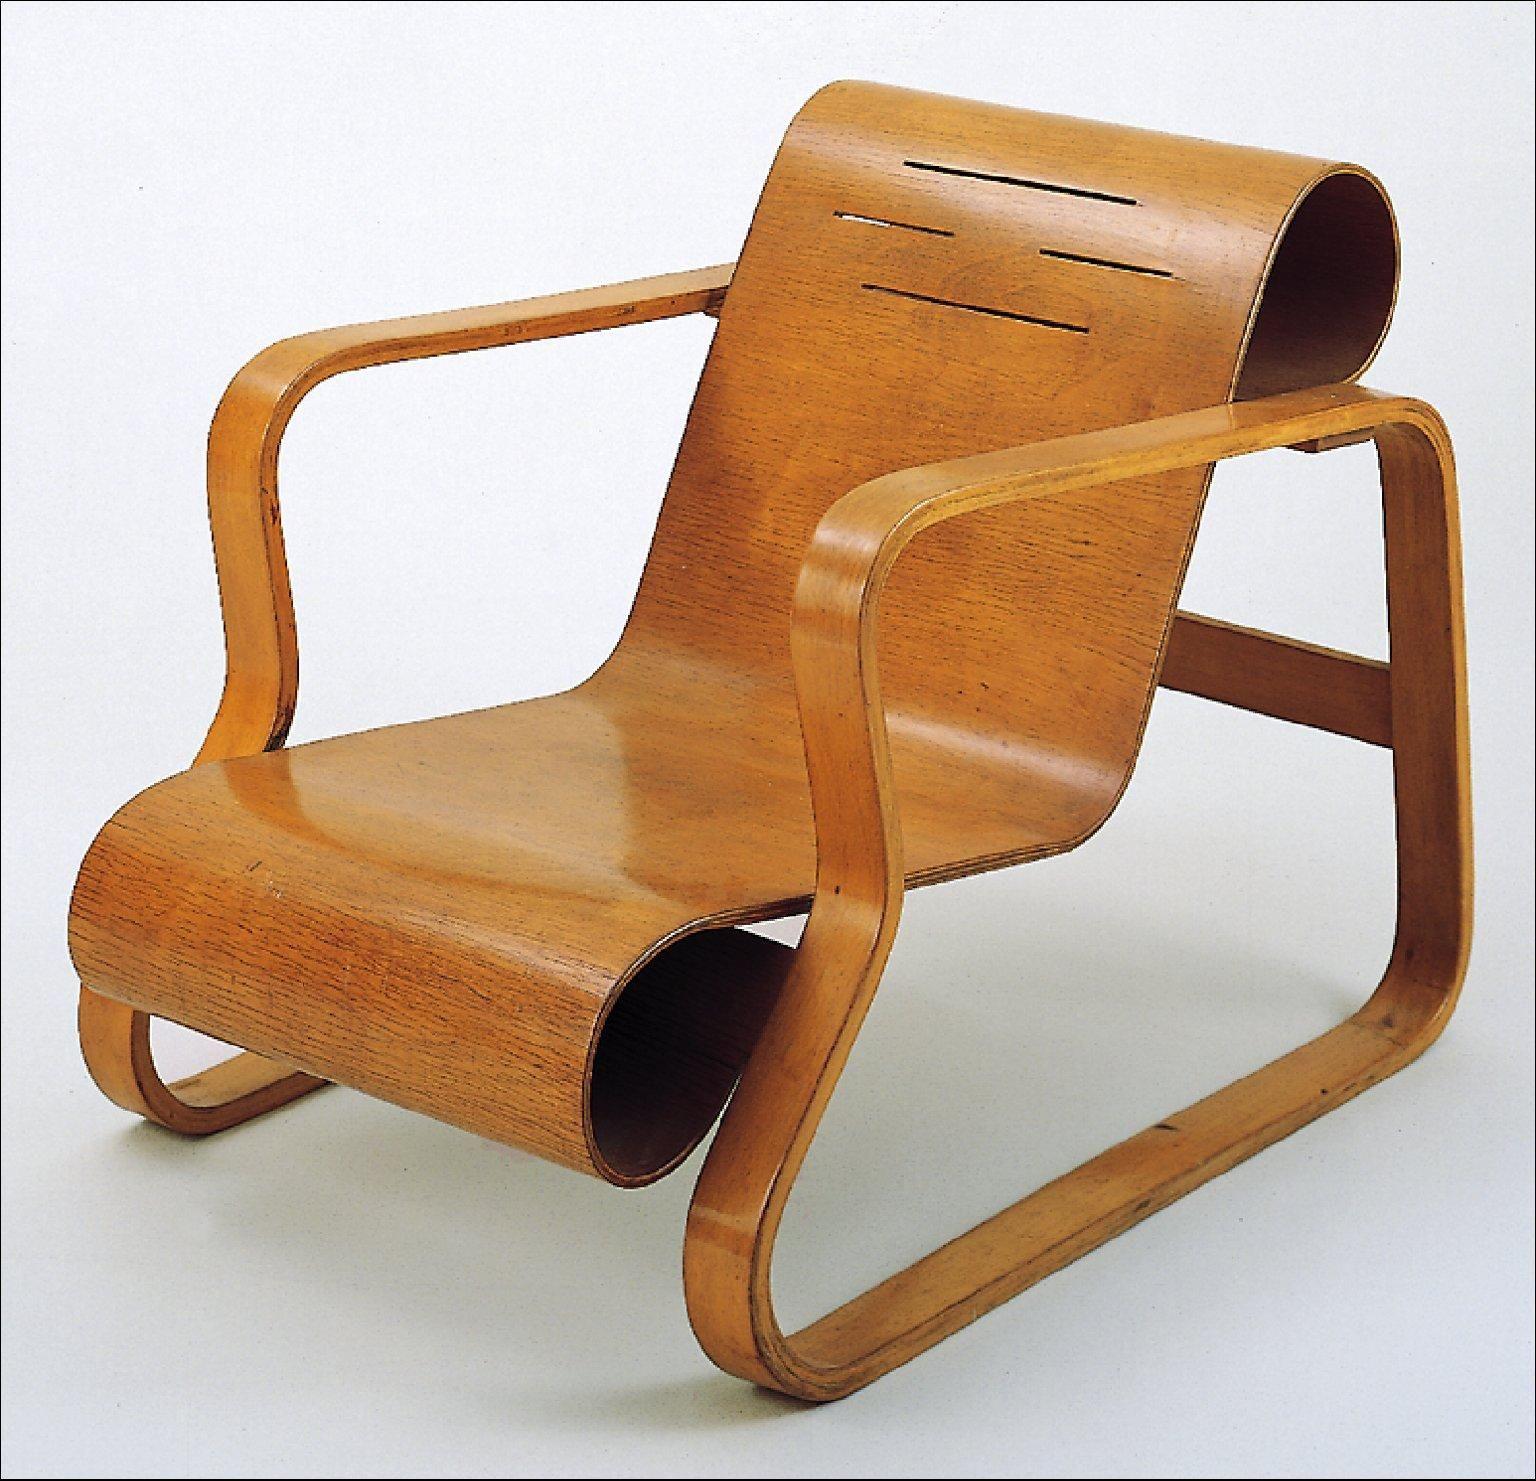 6 Design Stoelen.Paimio Stoel Alvar Aalto Met Afbeeldingen Stoelen Houten